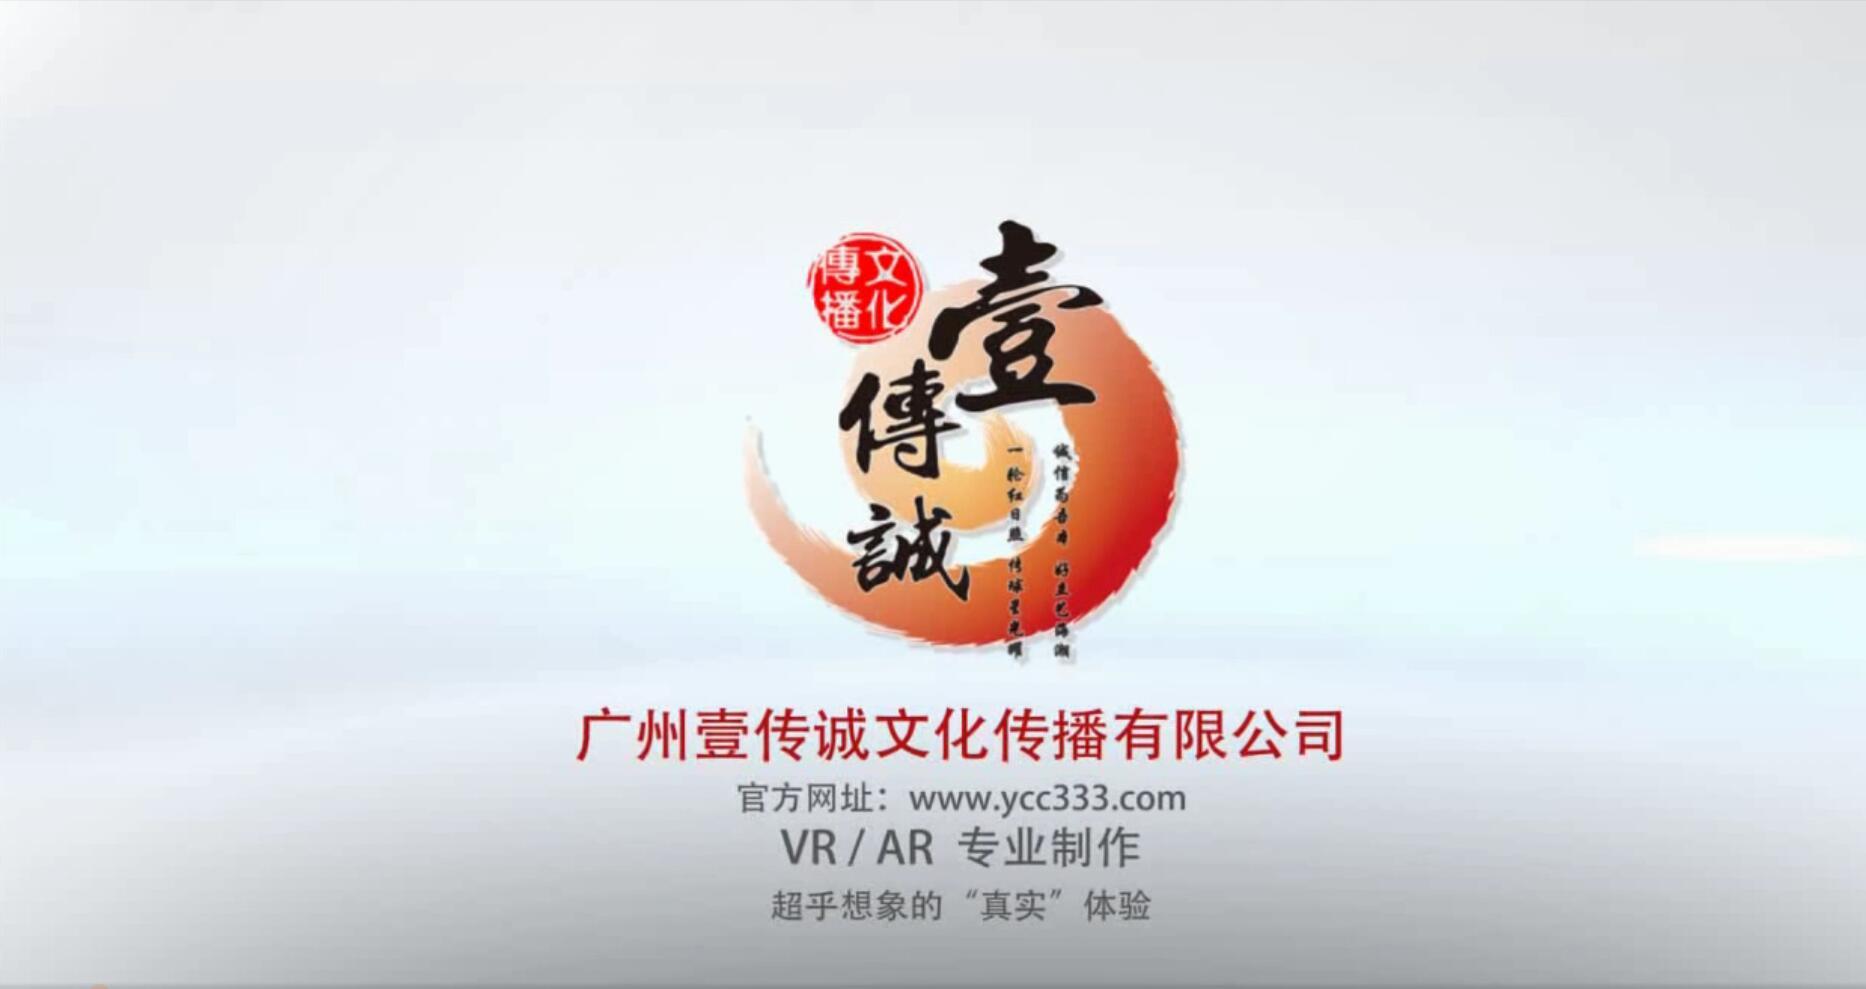 壹传诚VR禁毒走进深圳葵涌高源社区:不需要毒品就能体验吸毒